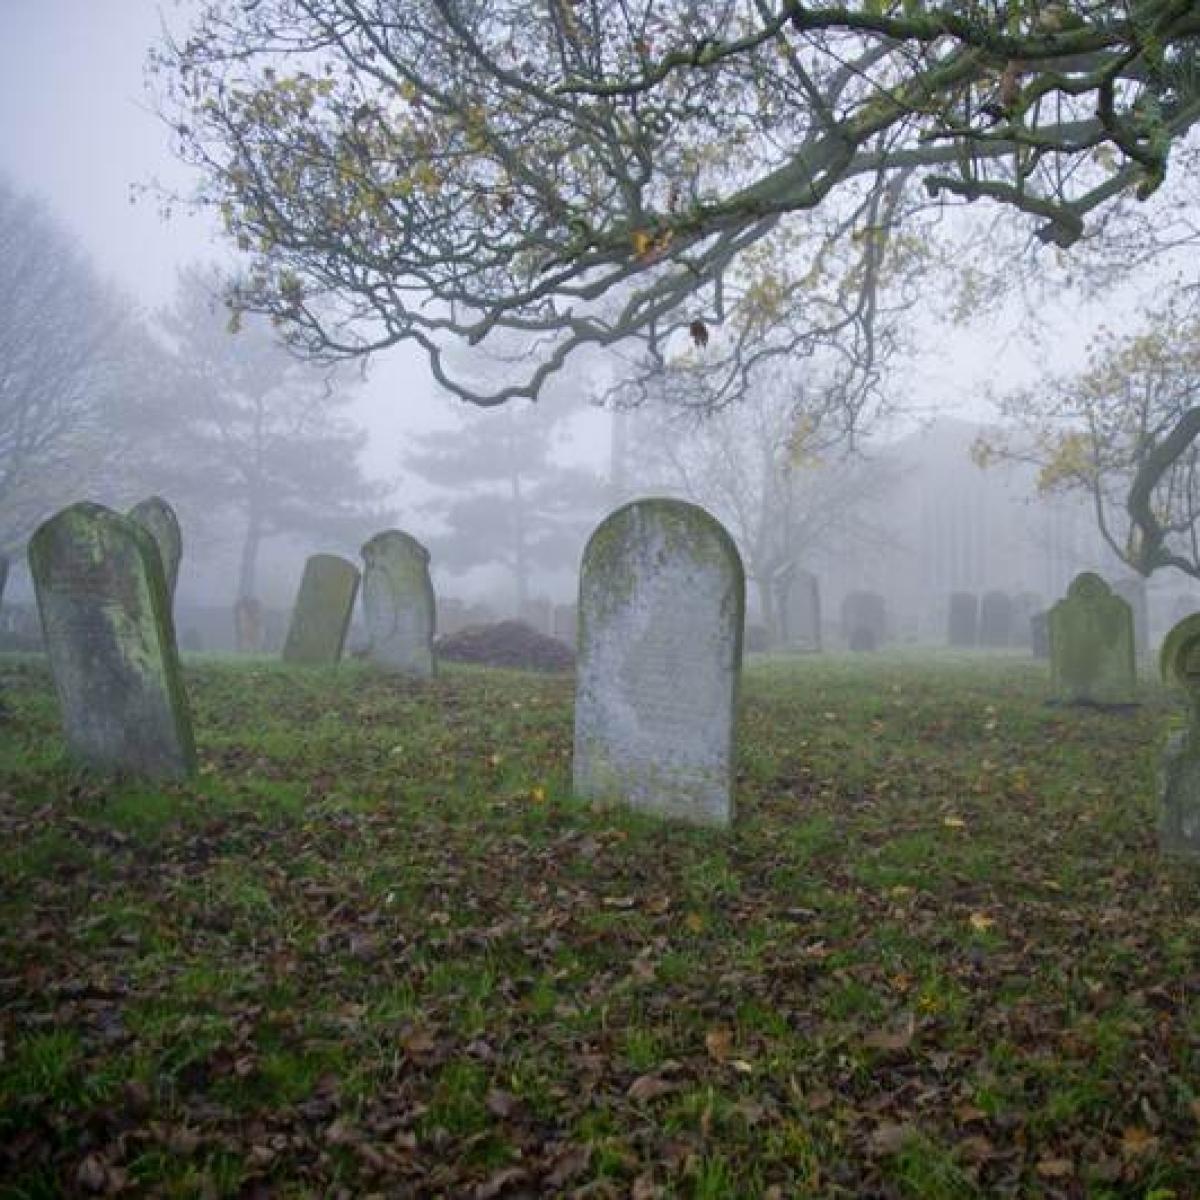 Vatican dig reveals empty graves